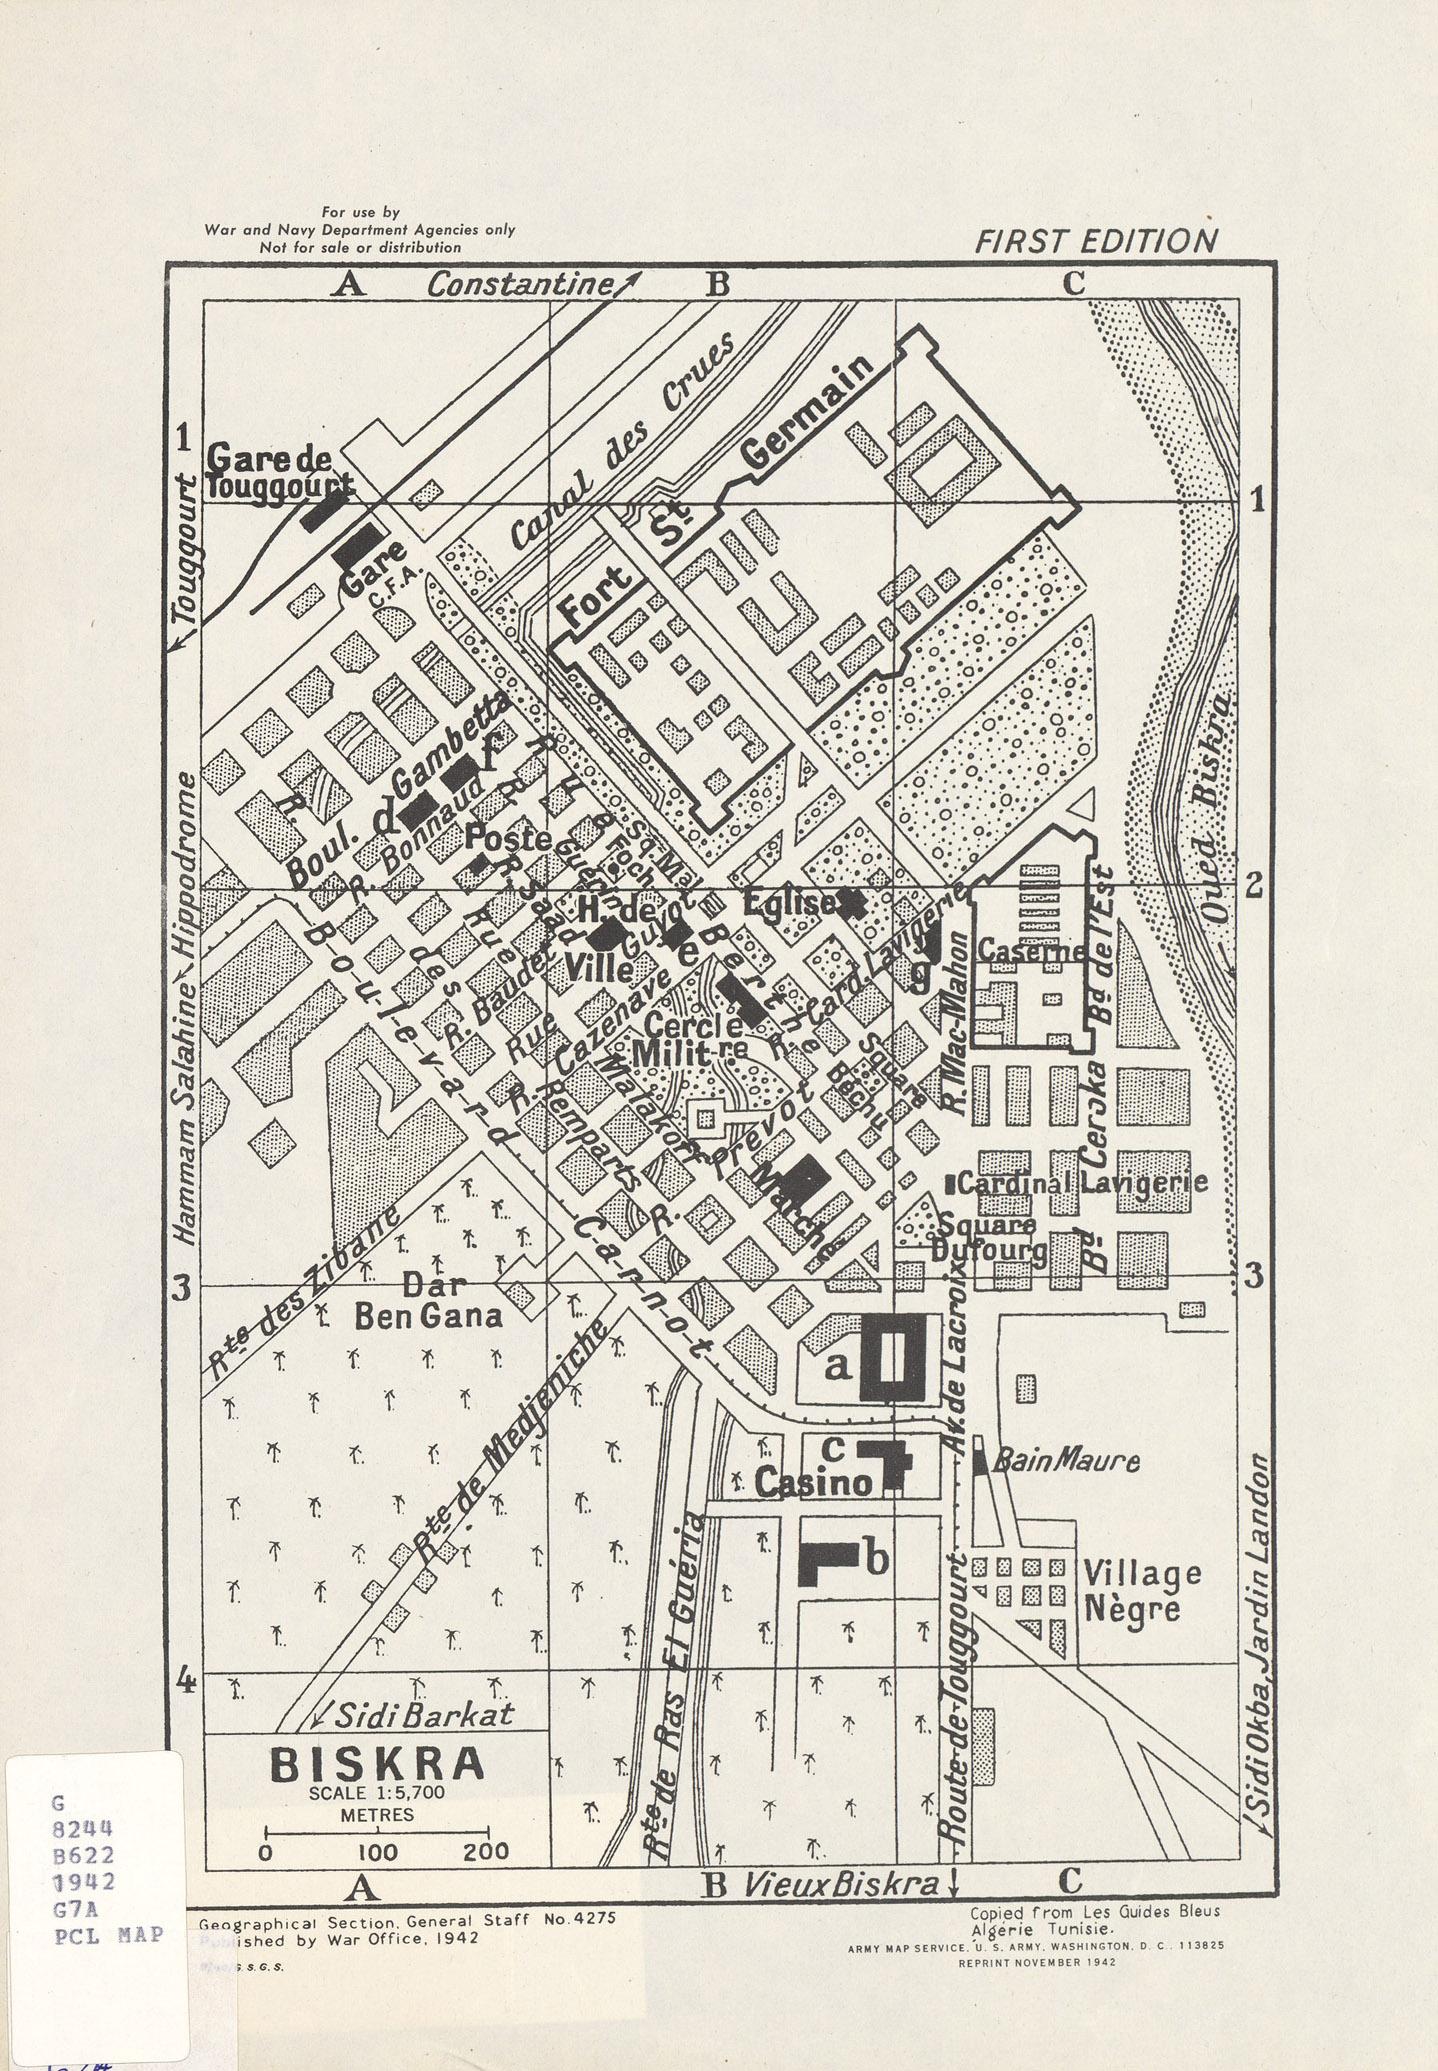 Biskra City Map, Algeria 1942